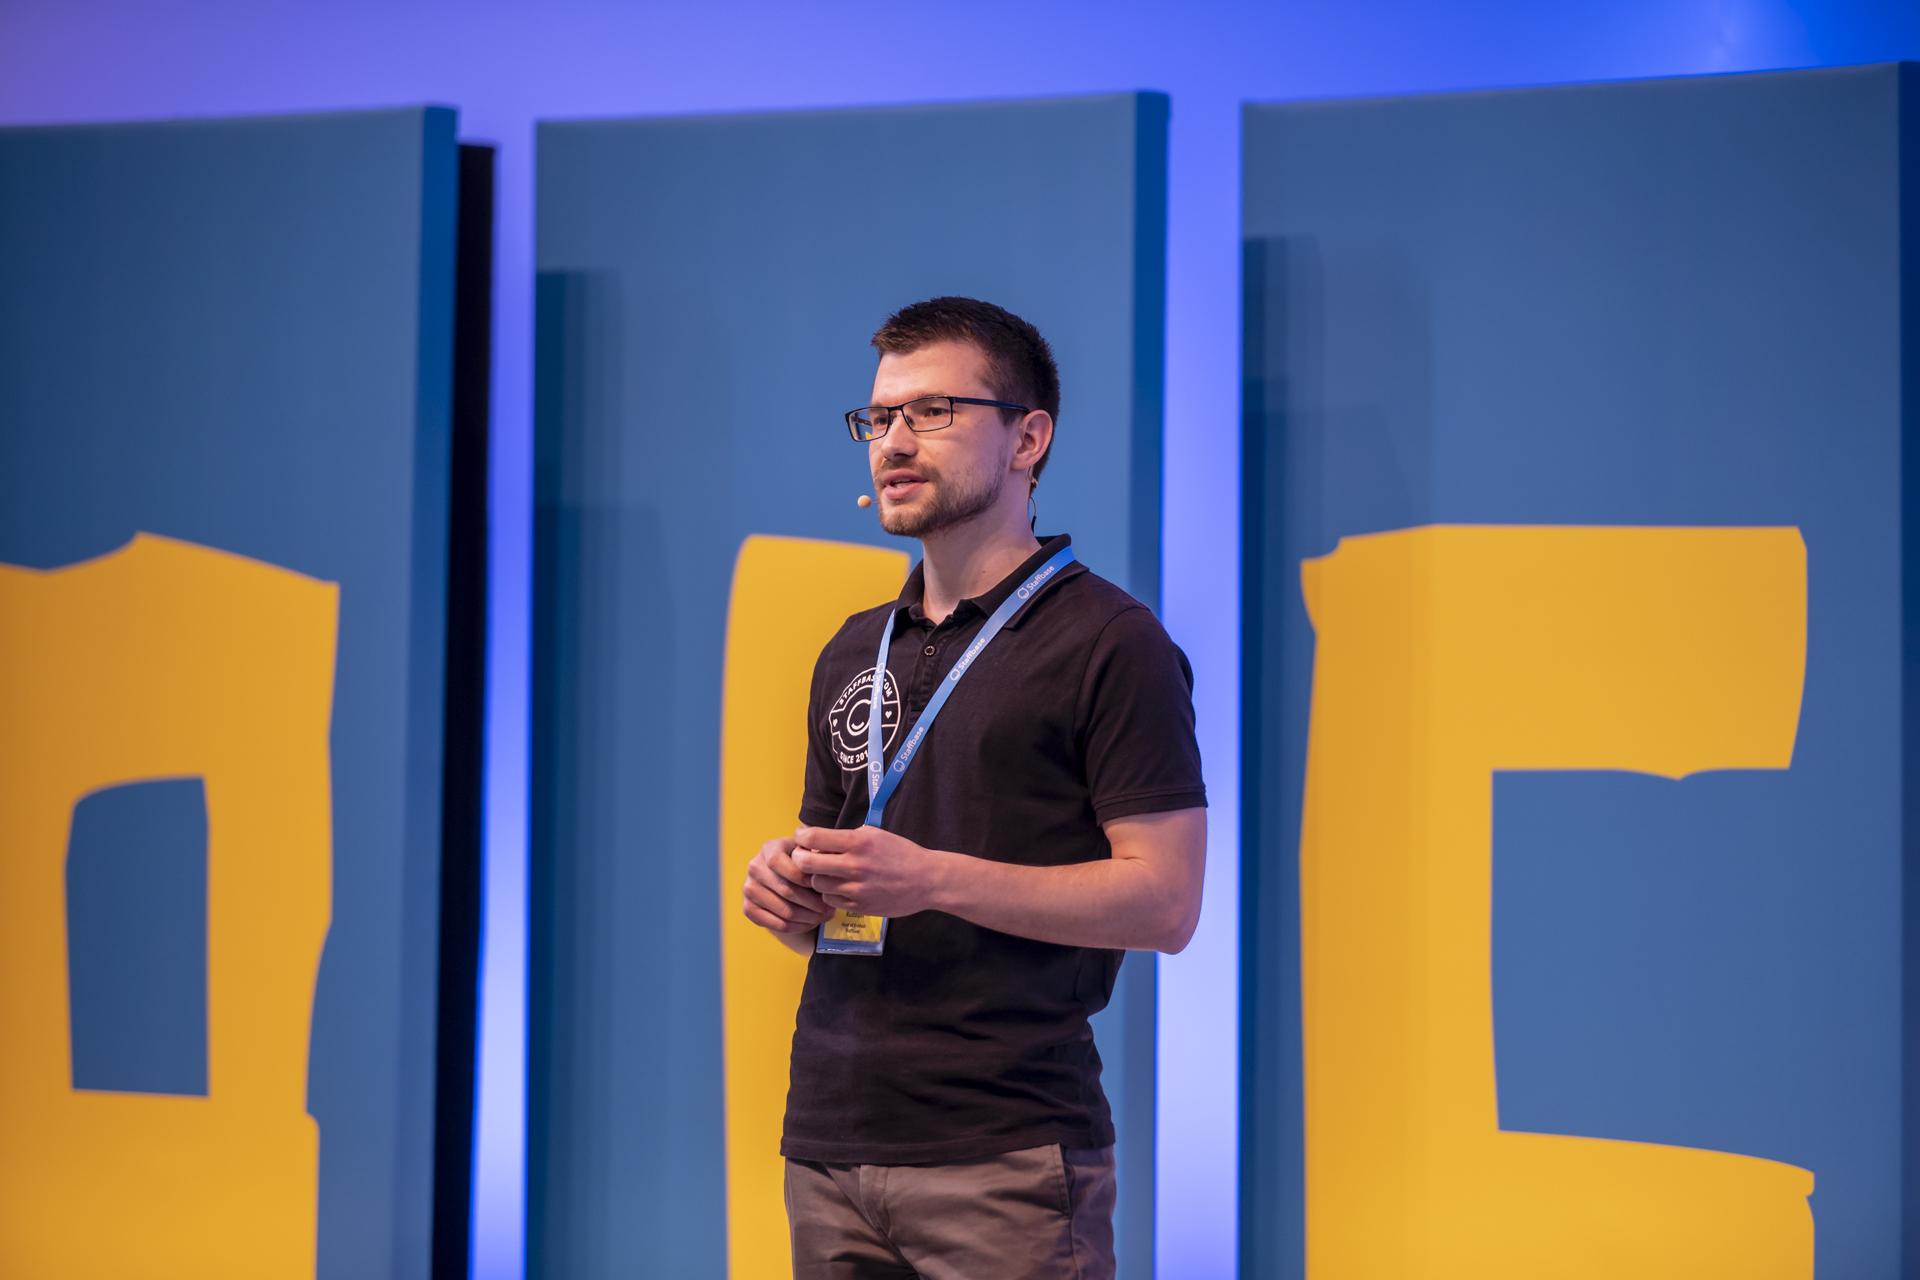 VOICES Patrick Vortrag zum Produkt